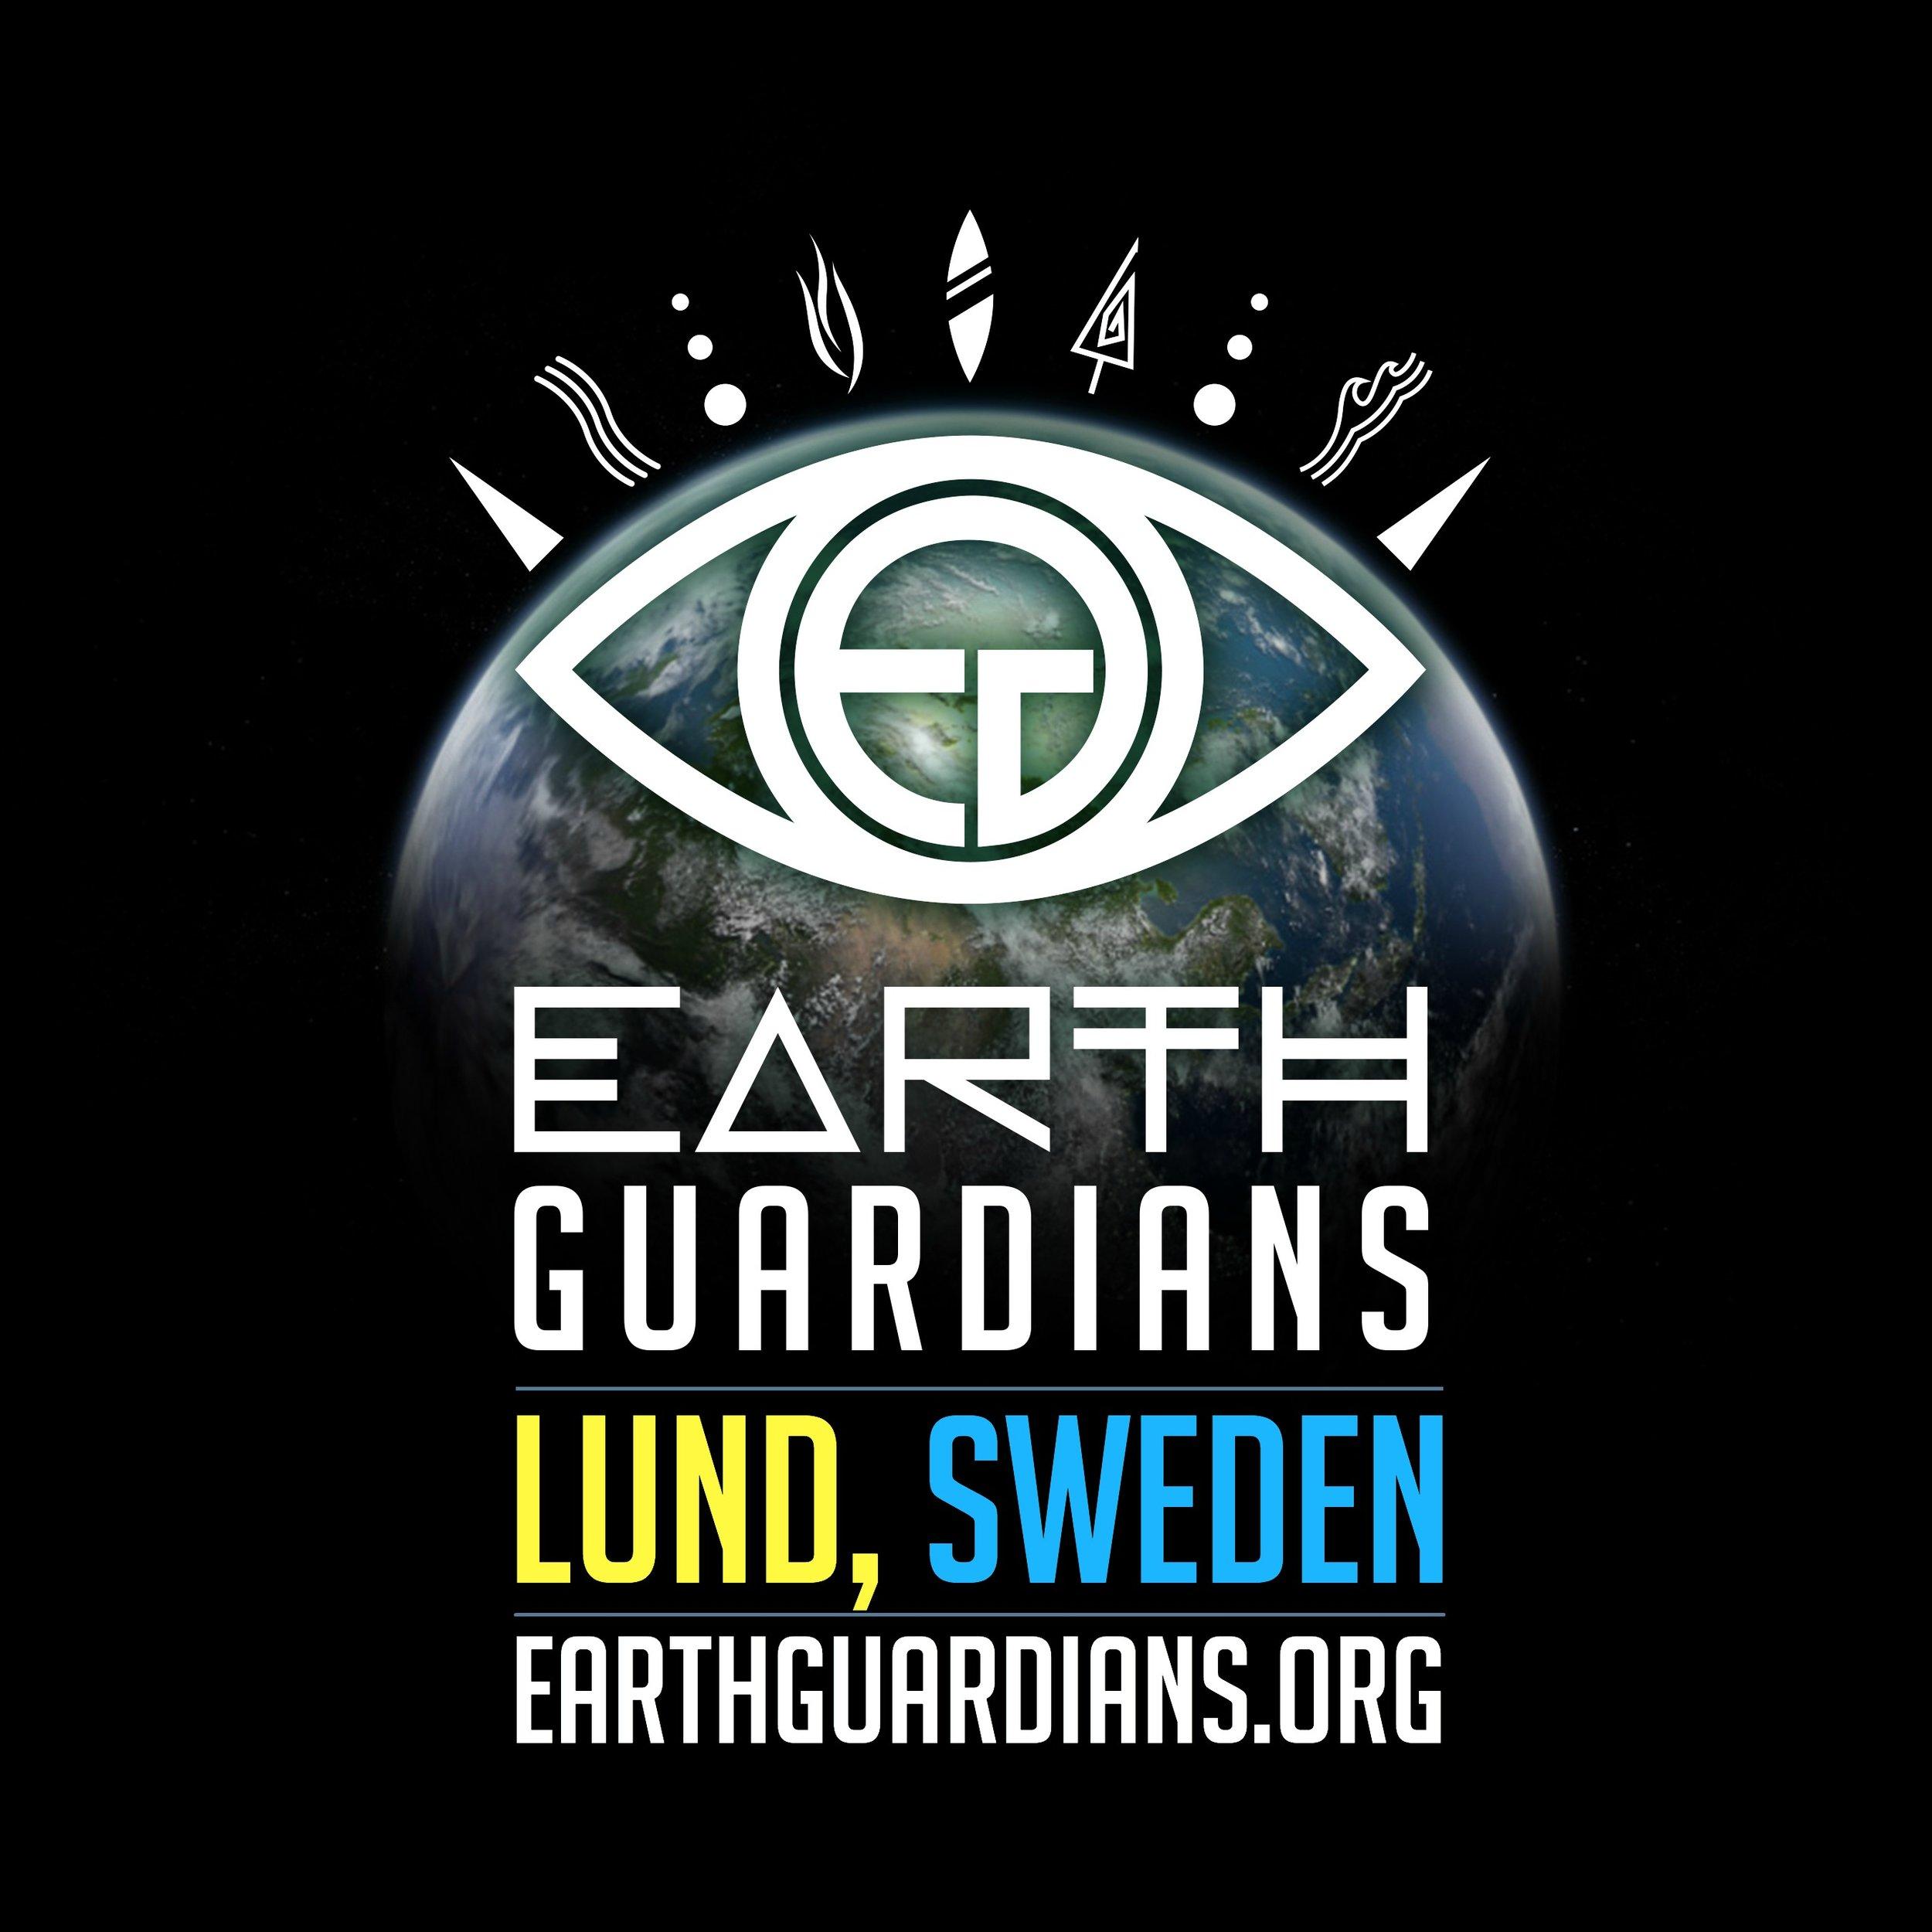 EG_crew logo LUND SWEDEN.jpg